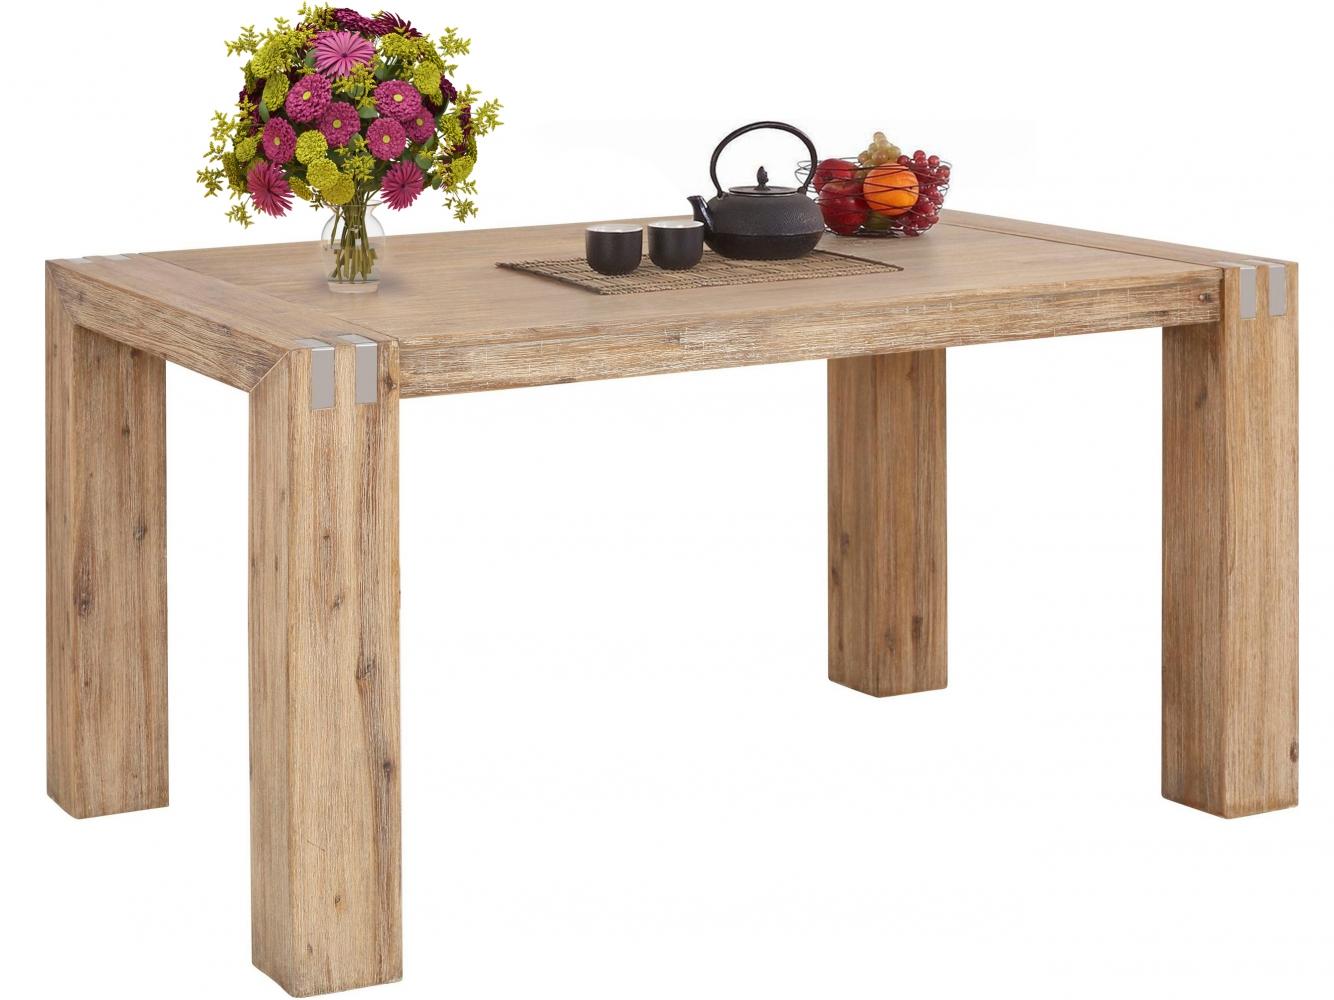 Jídelní stůl Bosan, 160 cm, akát